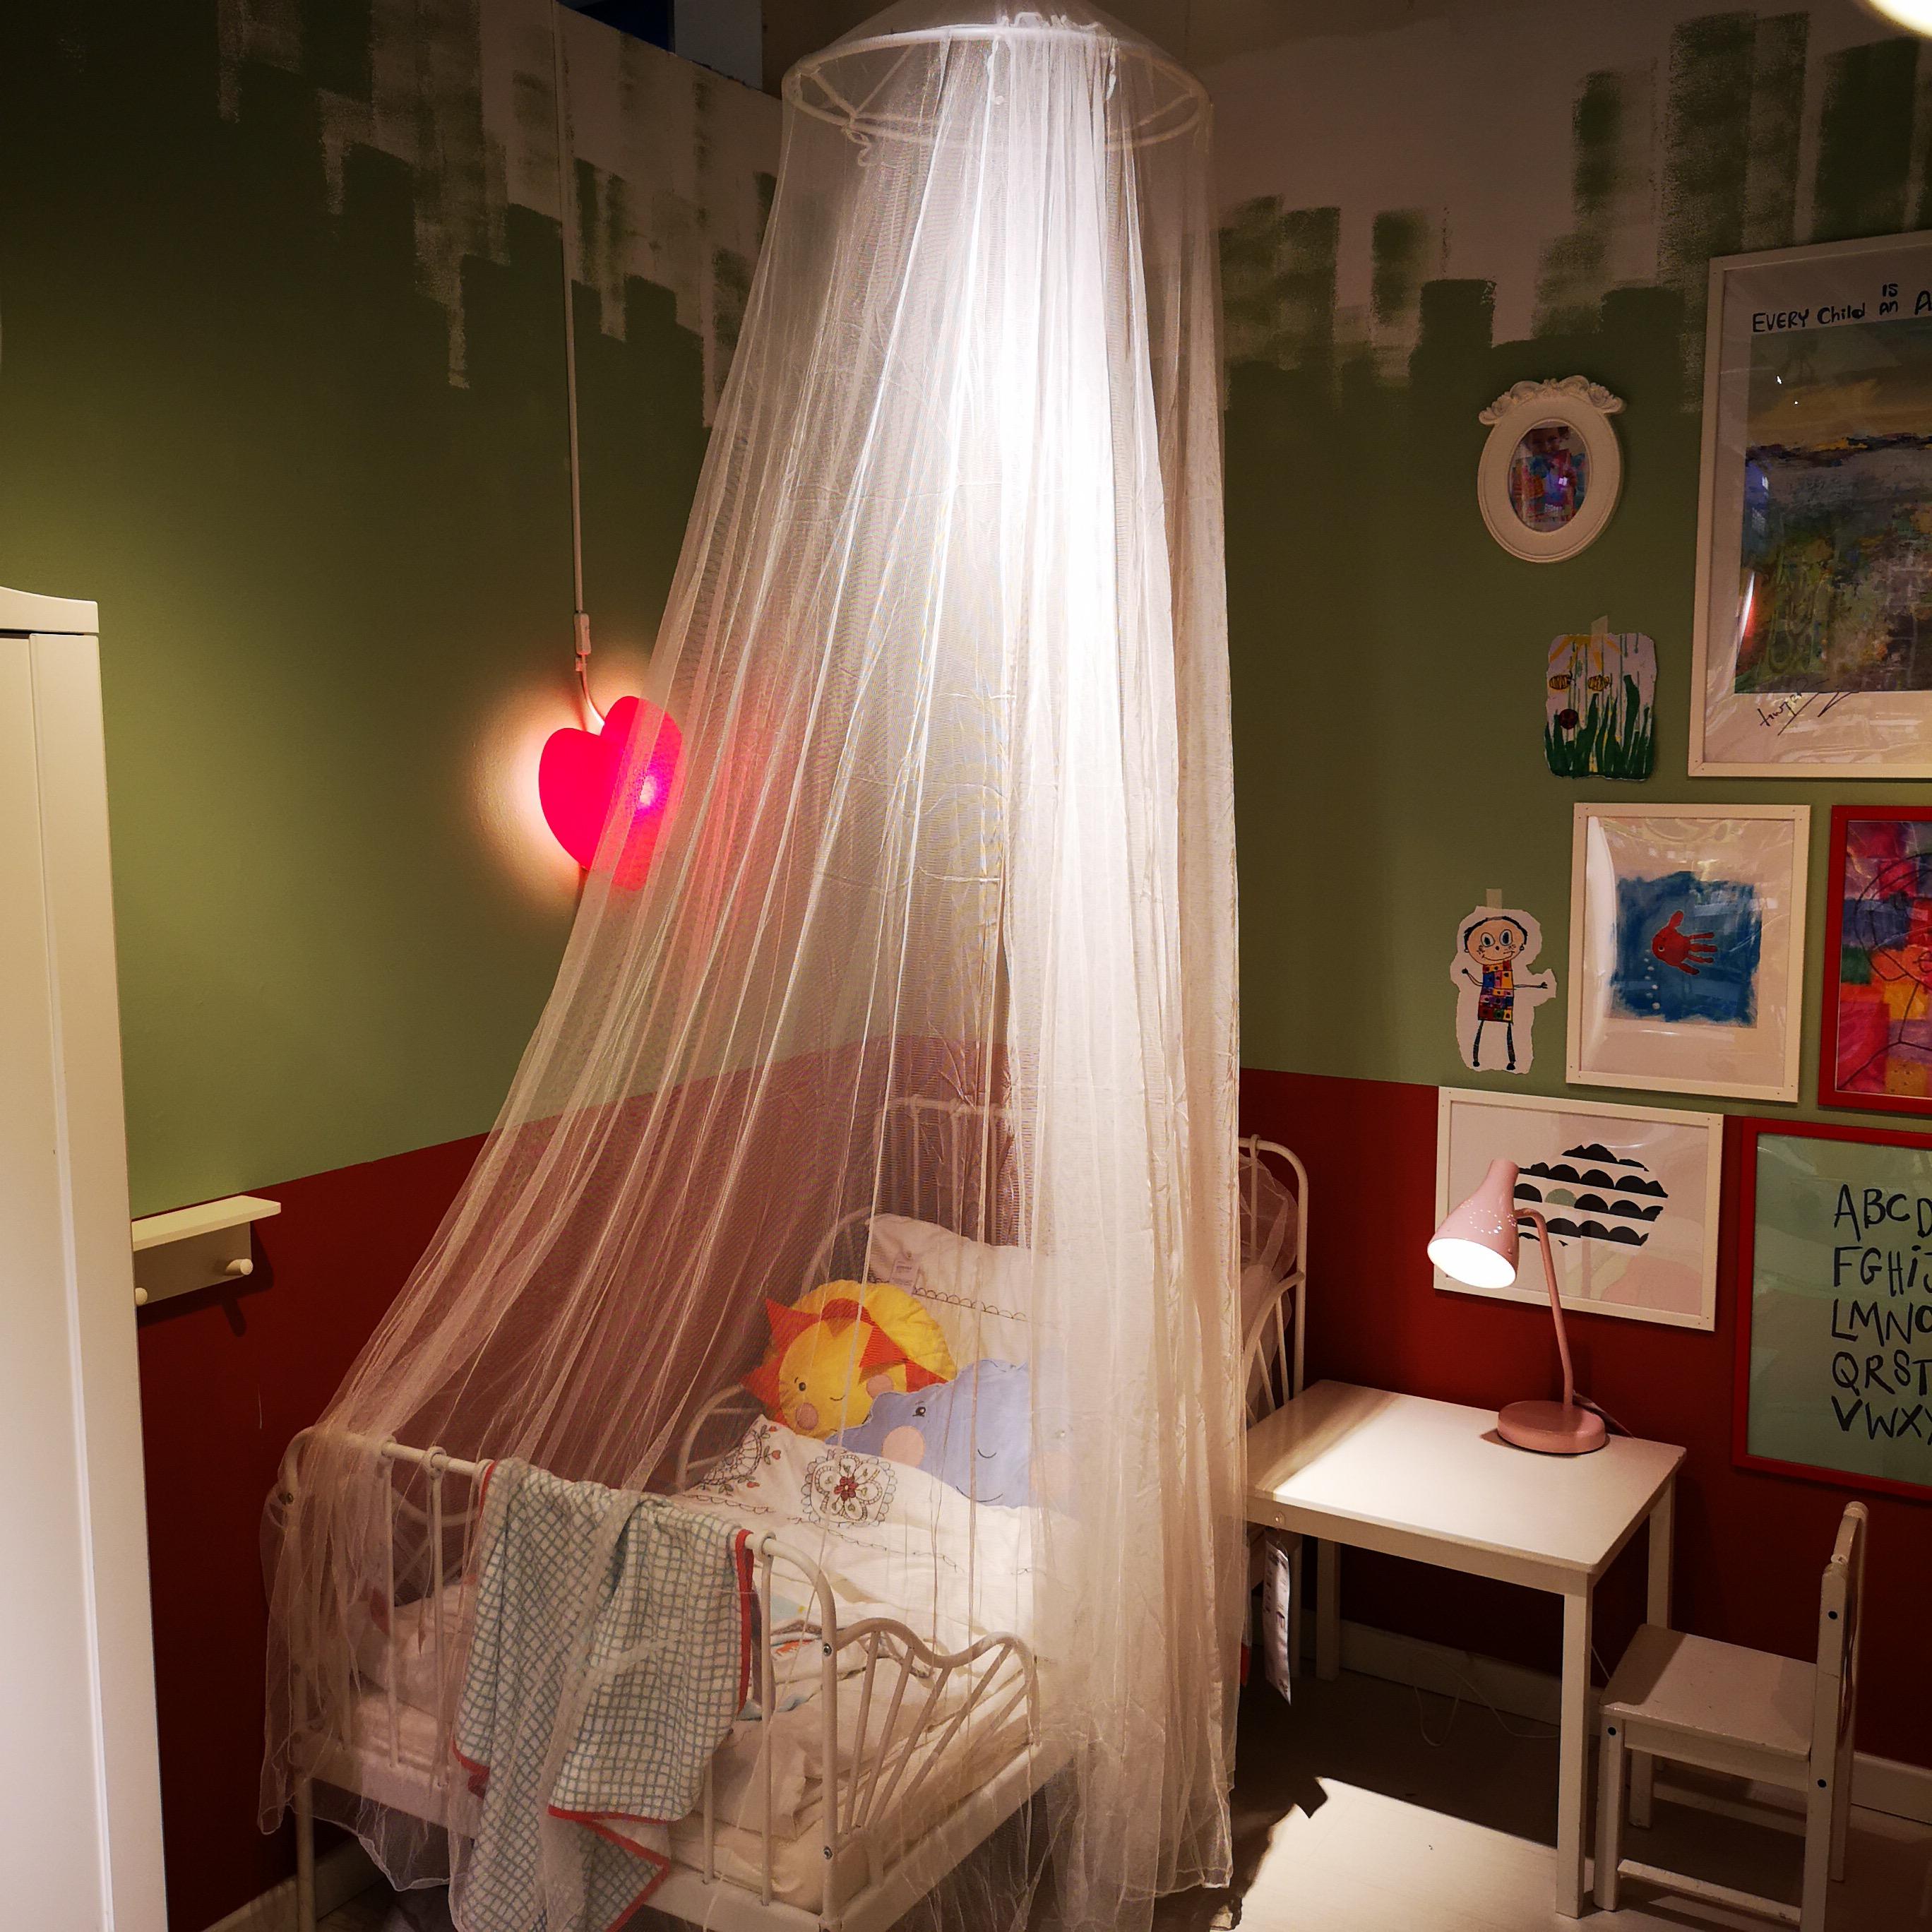 ?#24605;夜?#20869;代购布莱恩 蚊帐空调蚊帐白色圆吊顶蚊帐可拆卸清洗